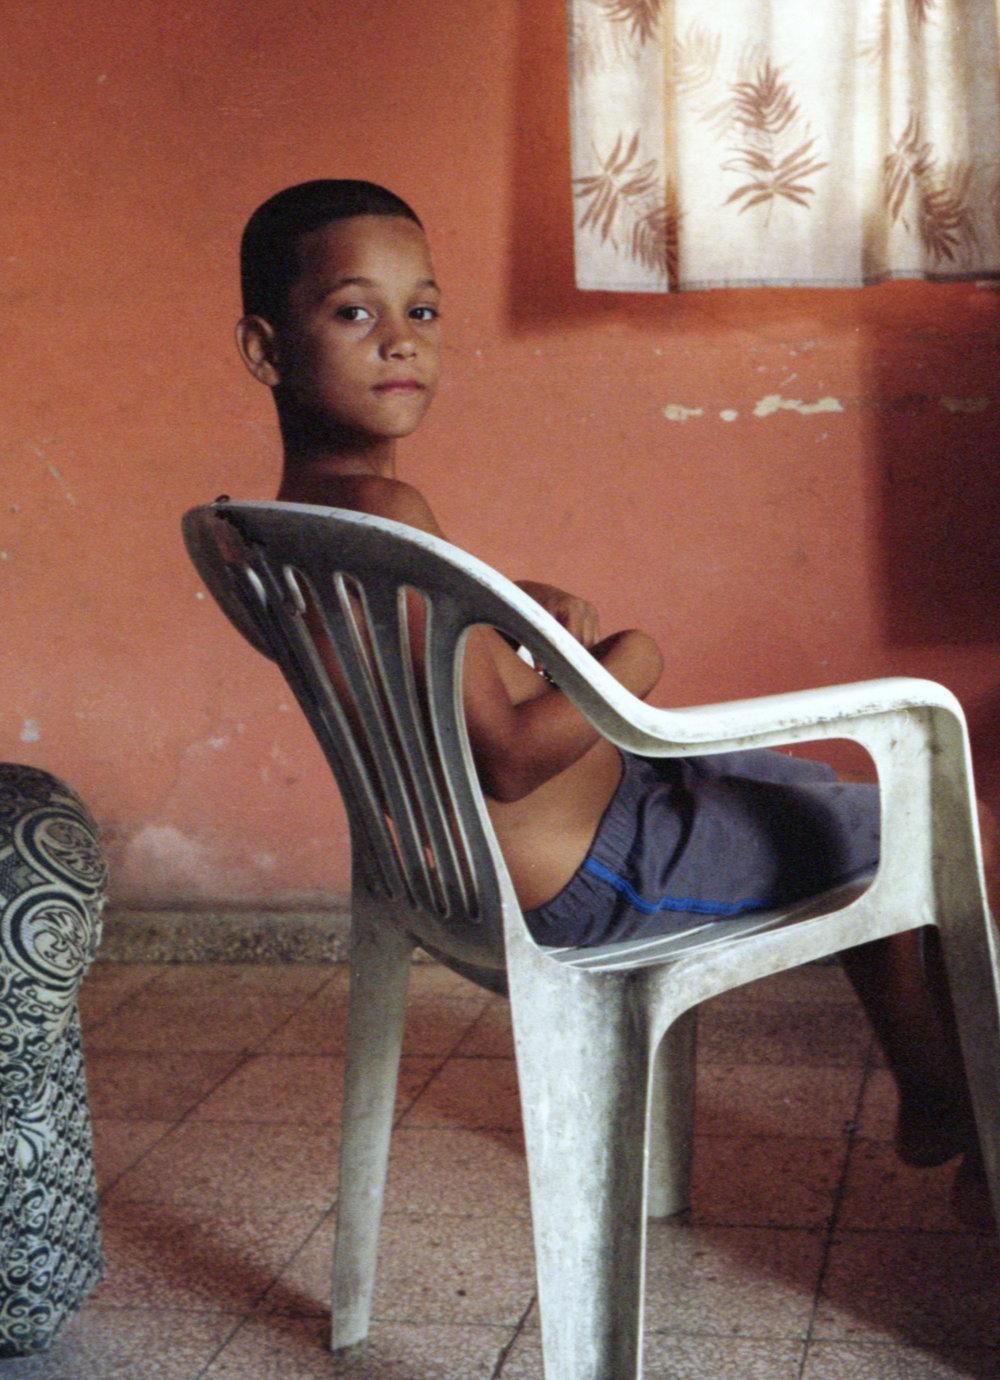 50 - Marija Vidovic, Cuba.jpg